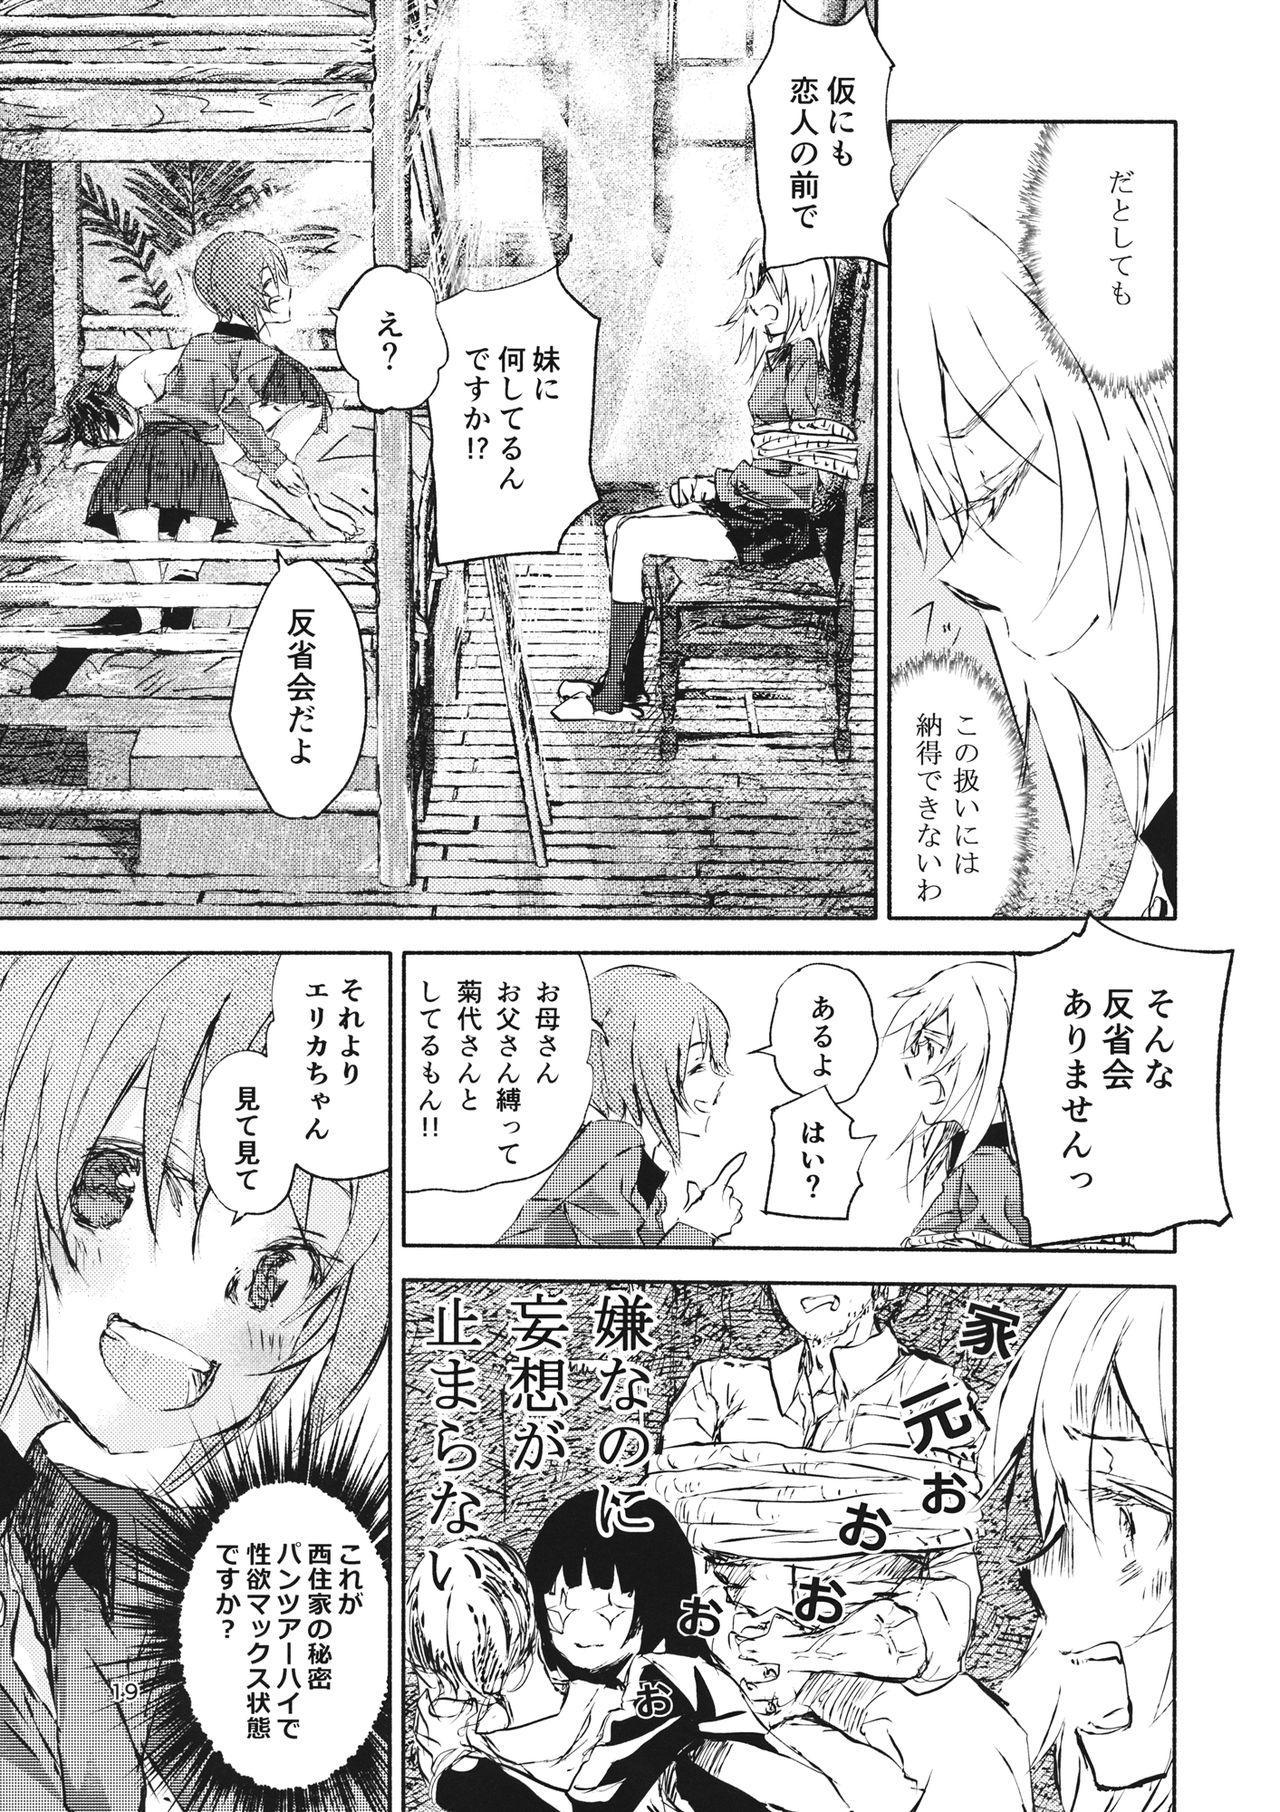 Erika to Gyakuten Nishizumi Shimai 16